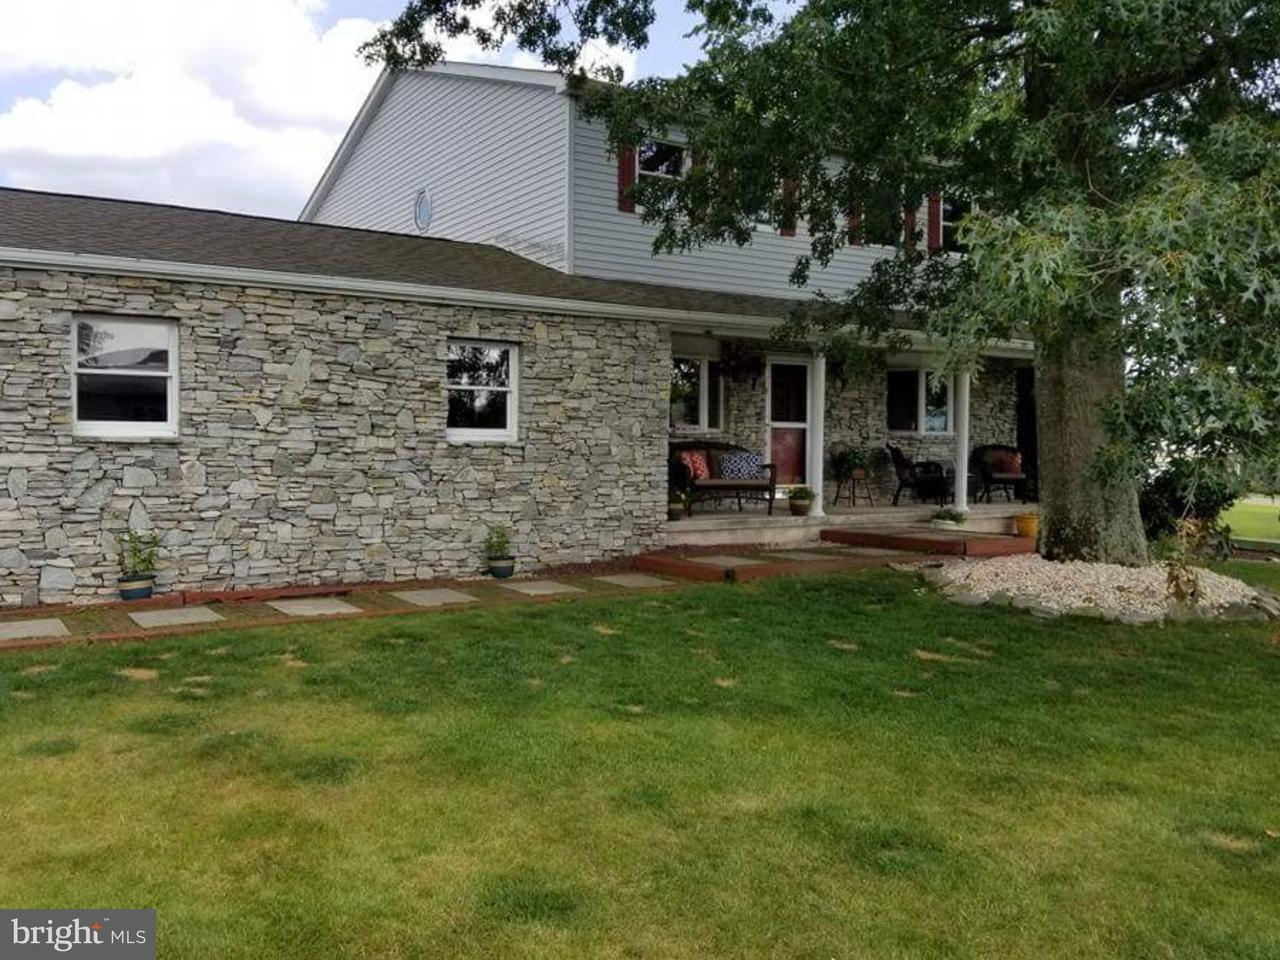 Частный односемейный дом для того Продажа на 36 KAUP Avenue Tamaqua, Пенсильвания 18252 Соединенные Штаты